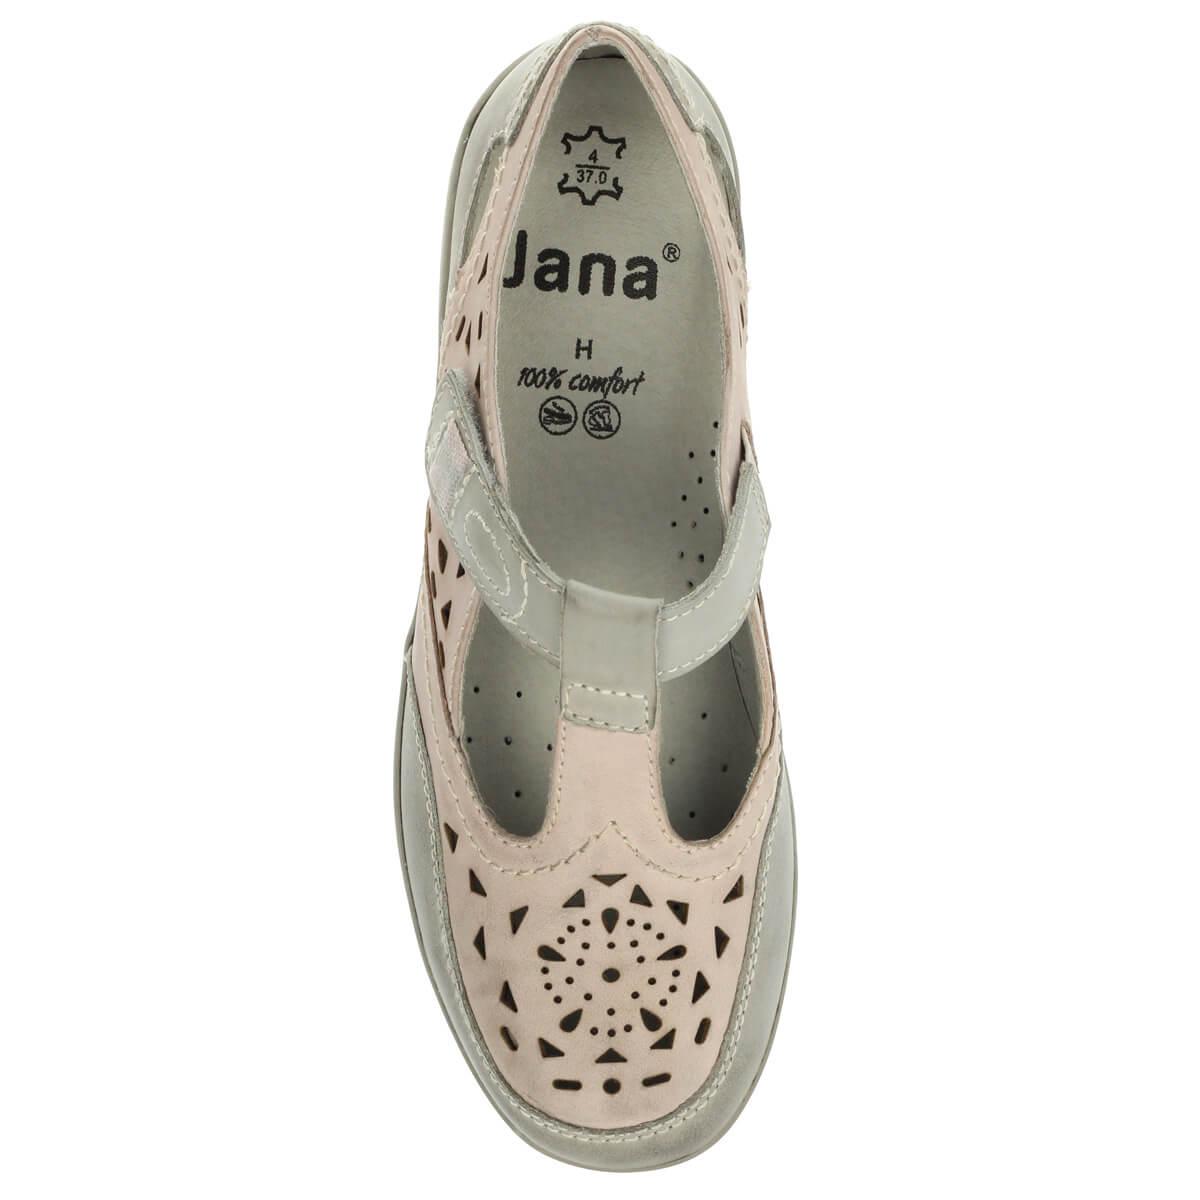 Lapos Jana tépőzáras cipő hajlékony gumi talppal 2287669eb9